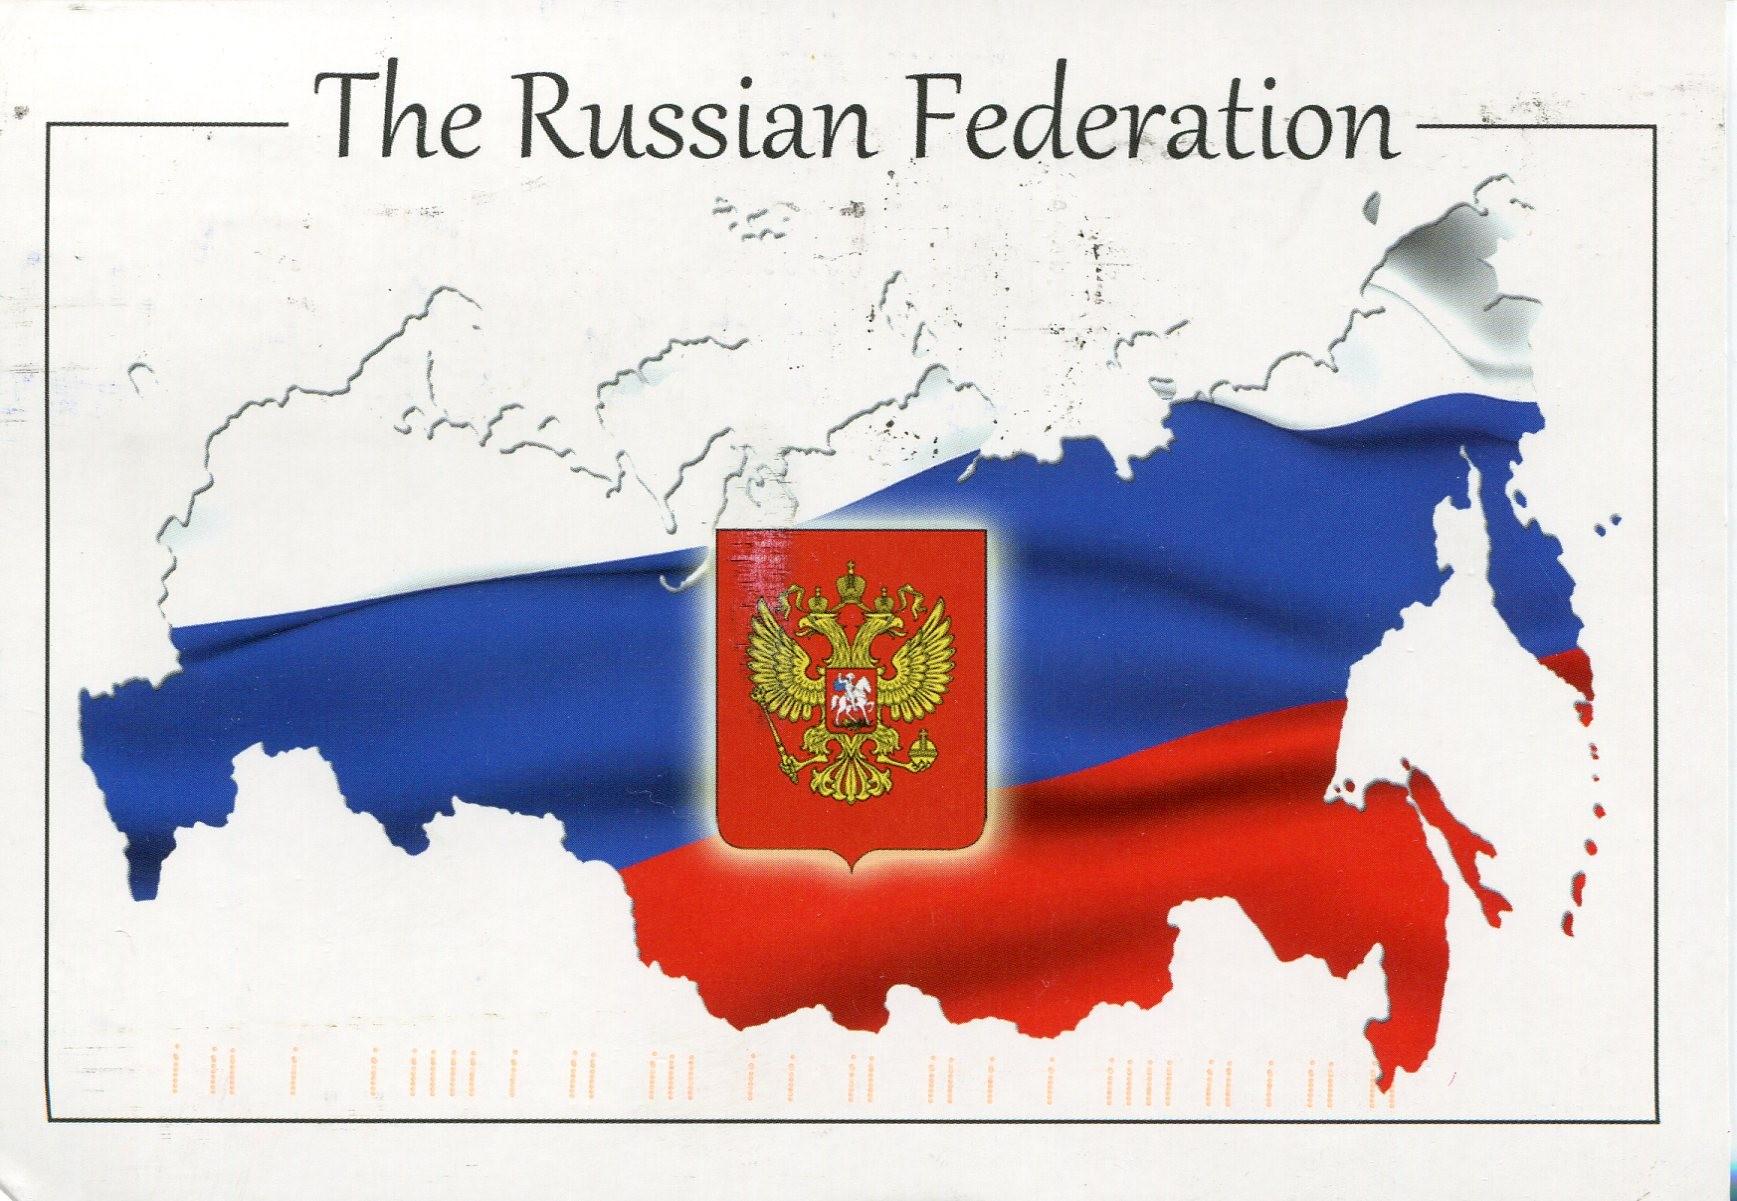 российская федерация на английском